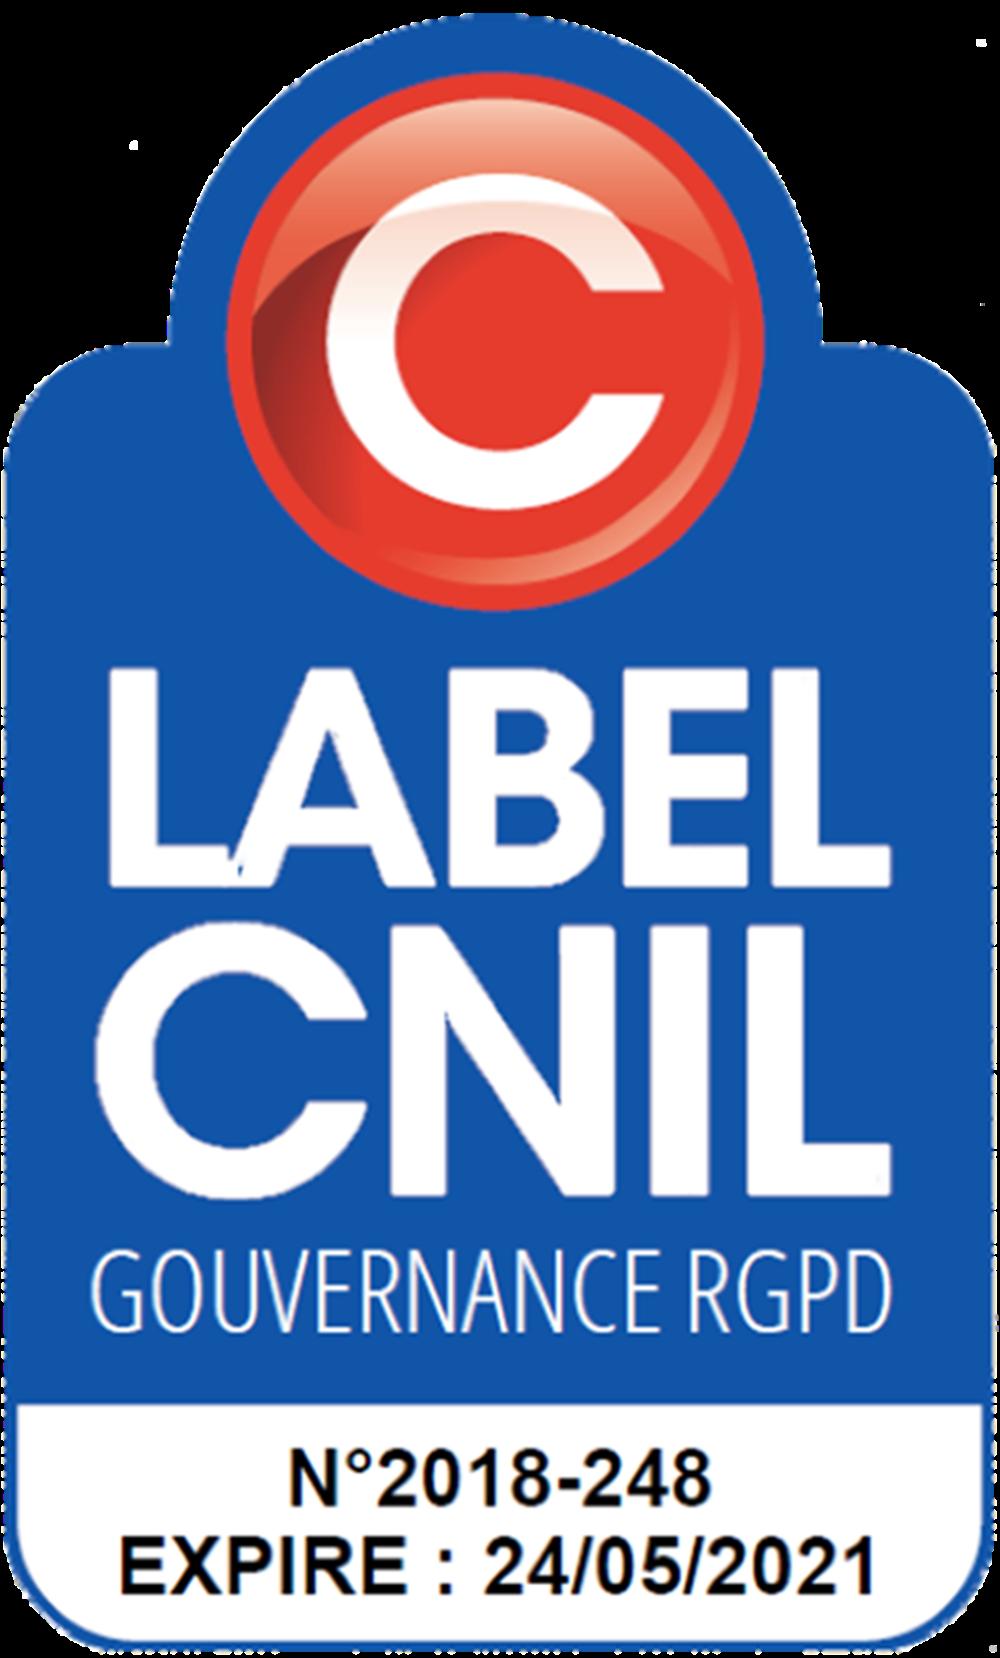 Label Cnil Gouvernance